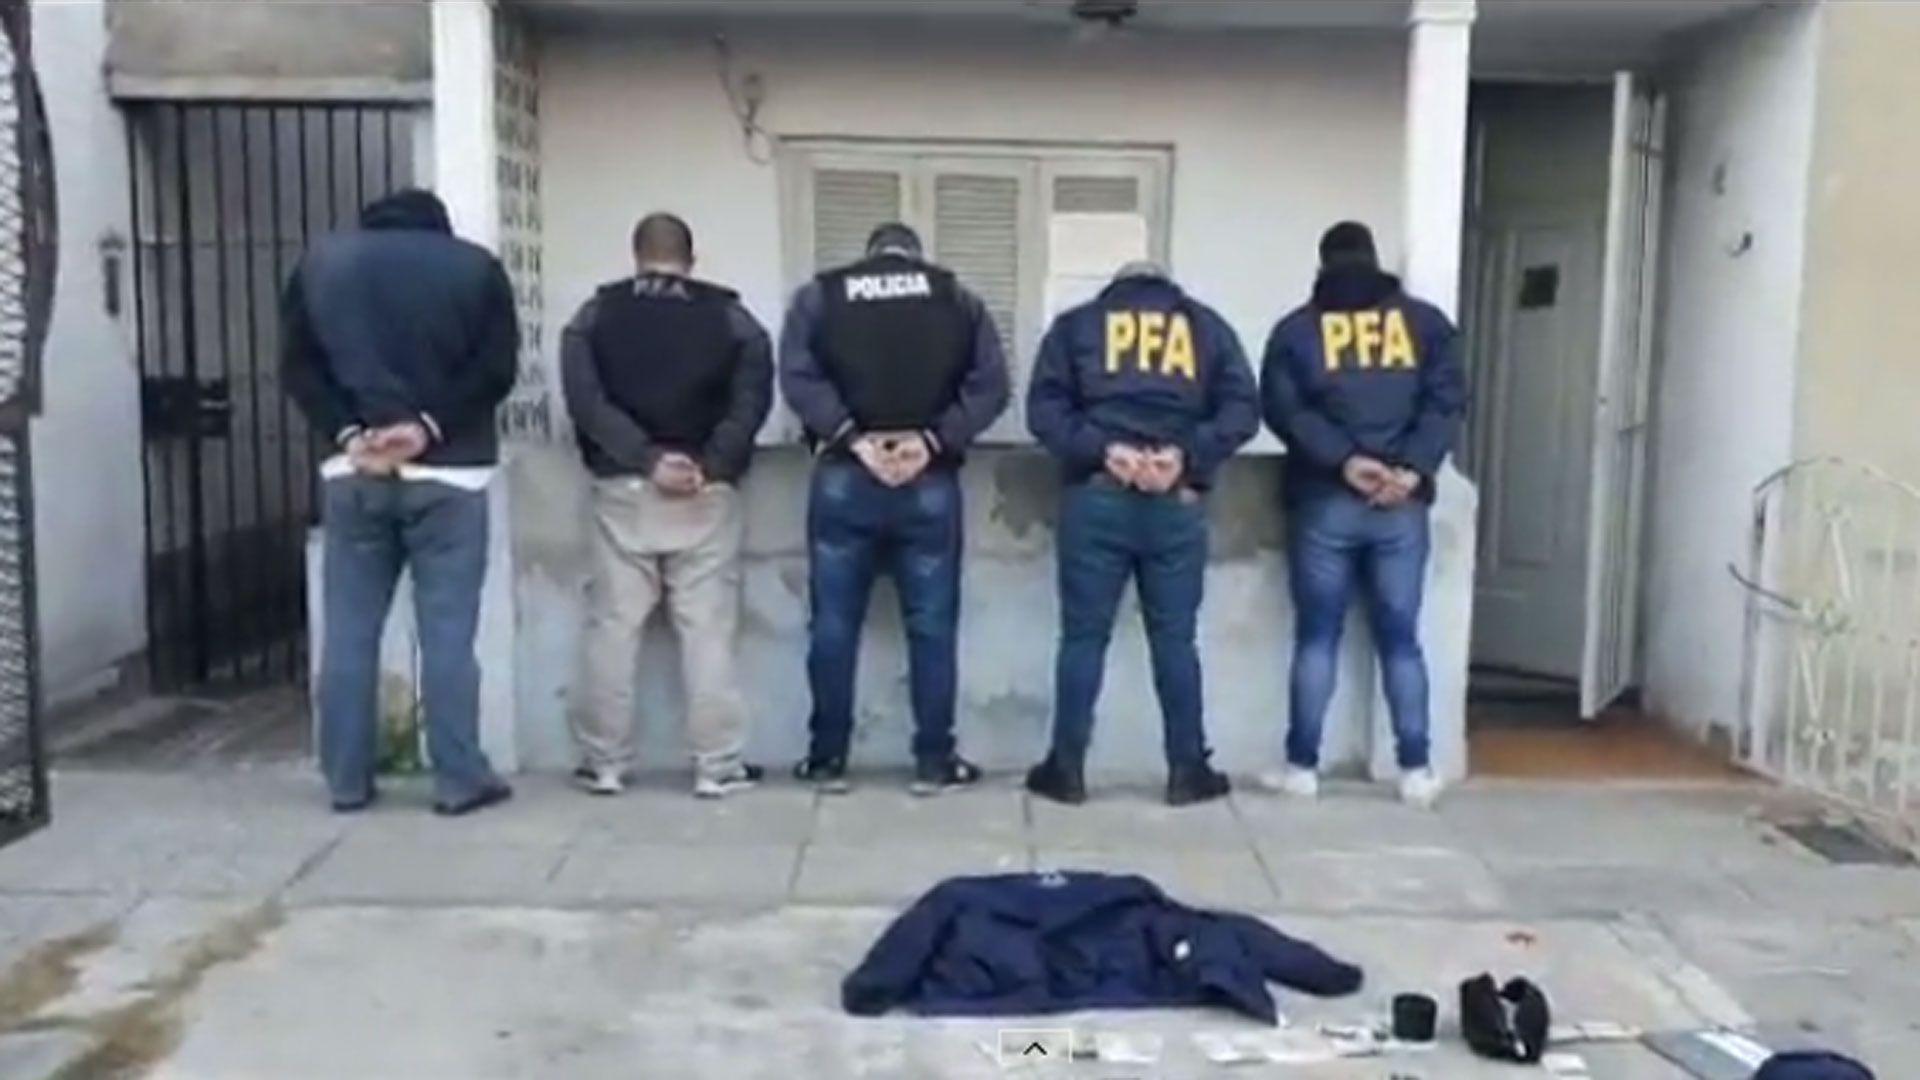 Los cinco falsos policías detenidos en Avellaneda